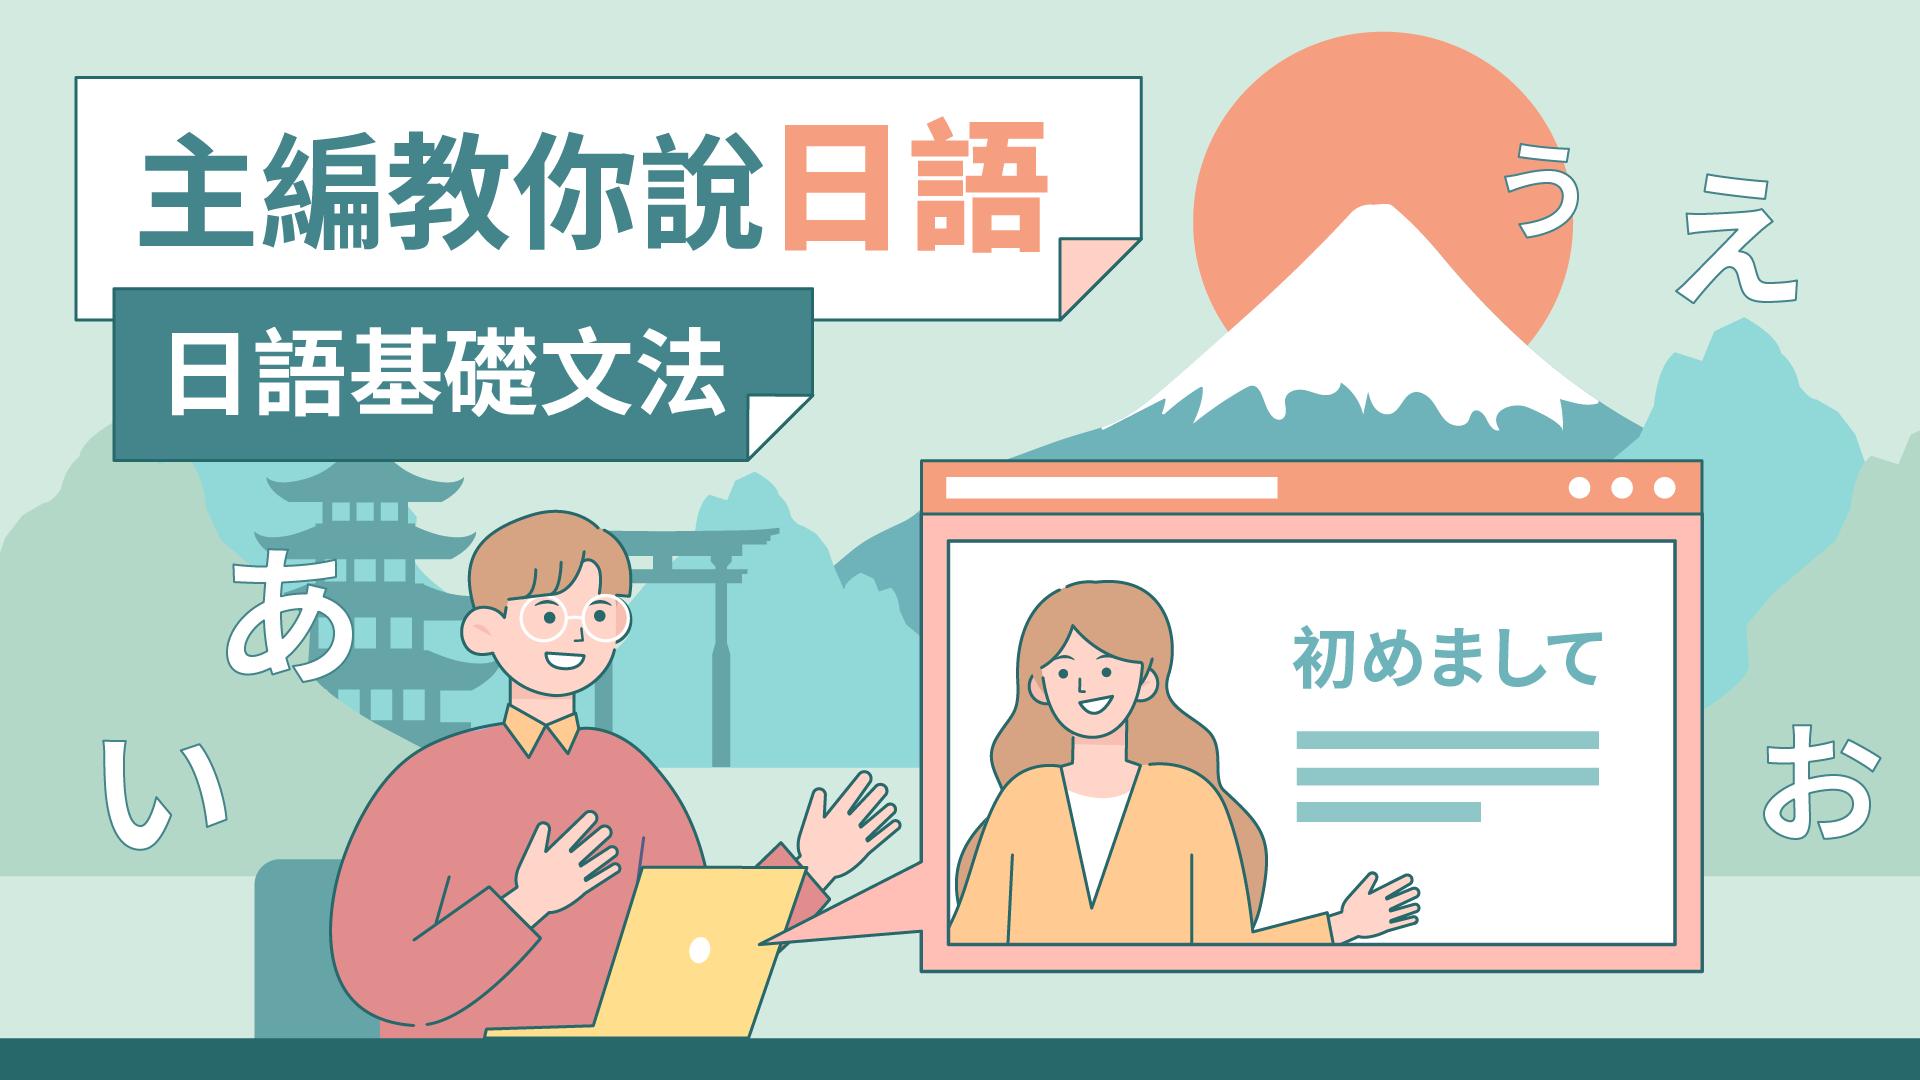 主編教你說日語 日語基礎文法